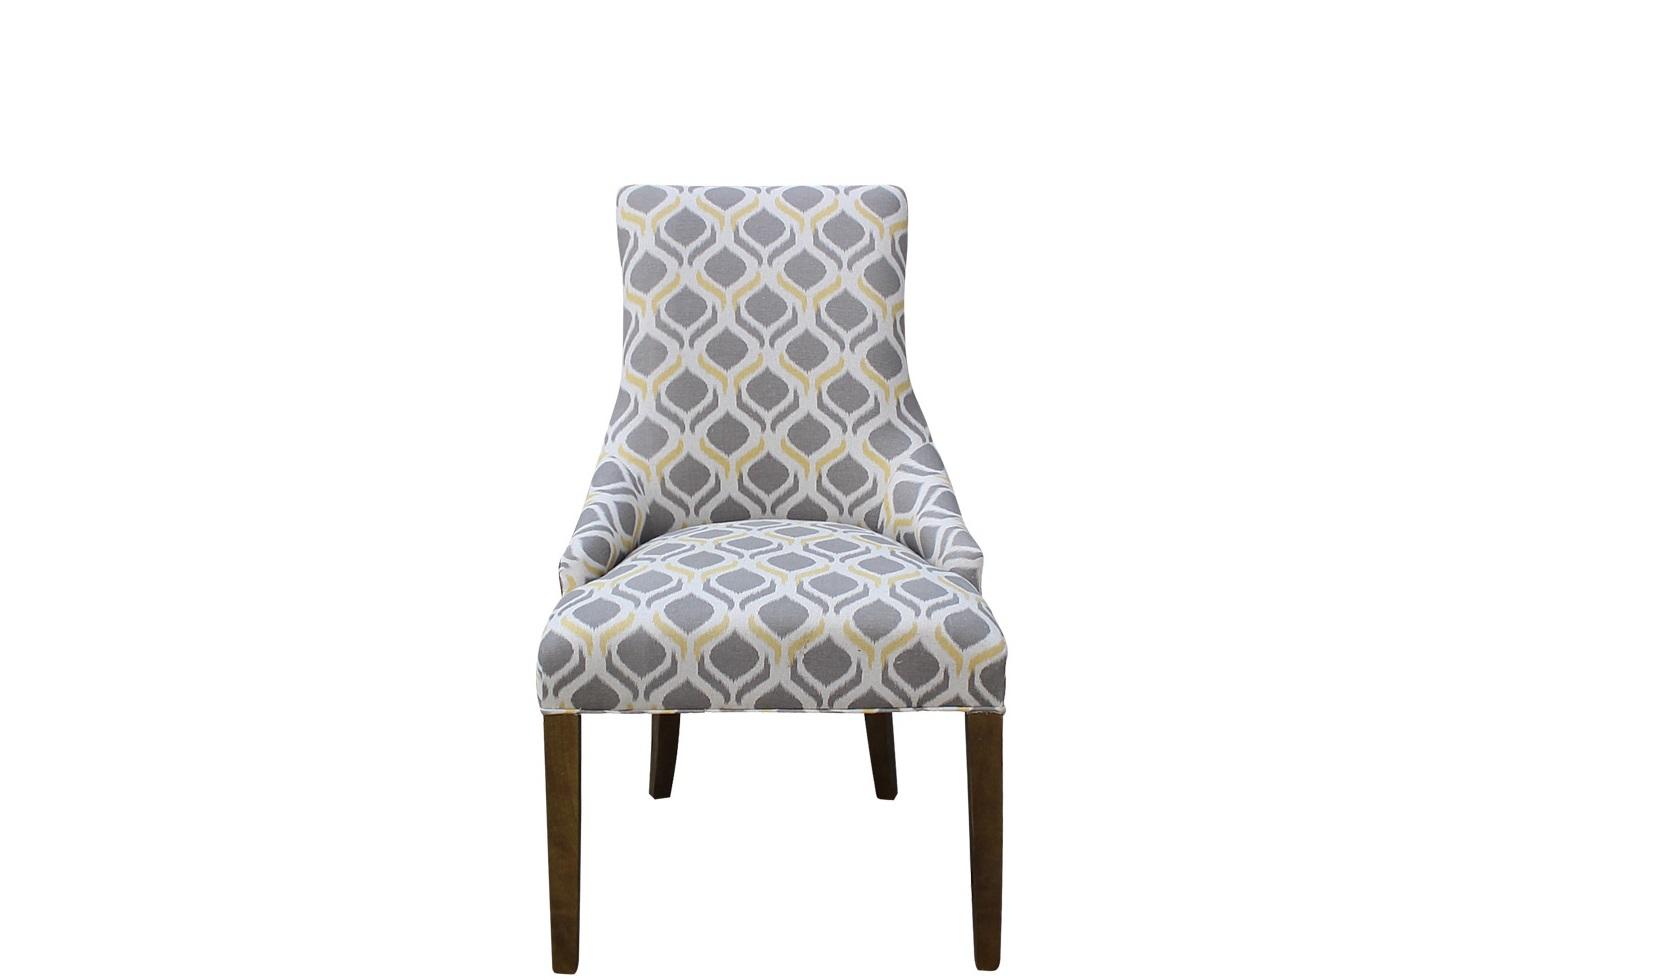 Полукресло Martin ll arm chairПолукресла<br>Оттенки серого и белого цветов часто доминируют в оформлении скандинавских интерьеров. Желтая гамма, присутствующая в оригинальном узоре обивки &amp;quot;Martin ll Arm Chair&amp;quot;, позволит лишить это сочетание нордической строгости и холодности. Абстрактный принт с яркими акцентами создаст в гостиной, столовой или спальне совершенно другое настроение. Он привнесет в современное оформление больше тепла и света, которых так не достает в наших северных широтах.<br><br>Material: Текстиль<br>Ширина см: 61<br>Высота см: 98<br>Глубина см: 78